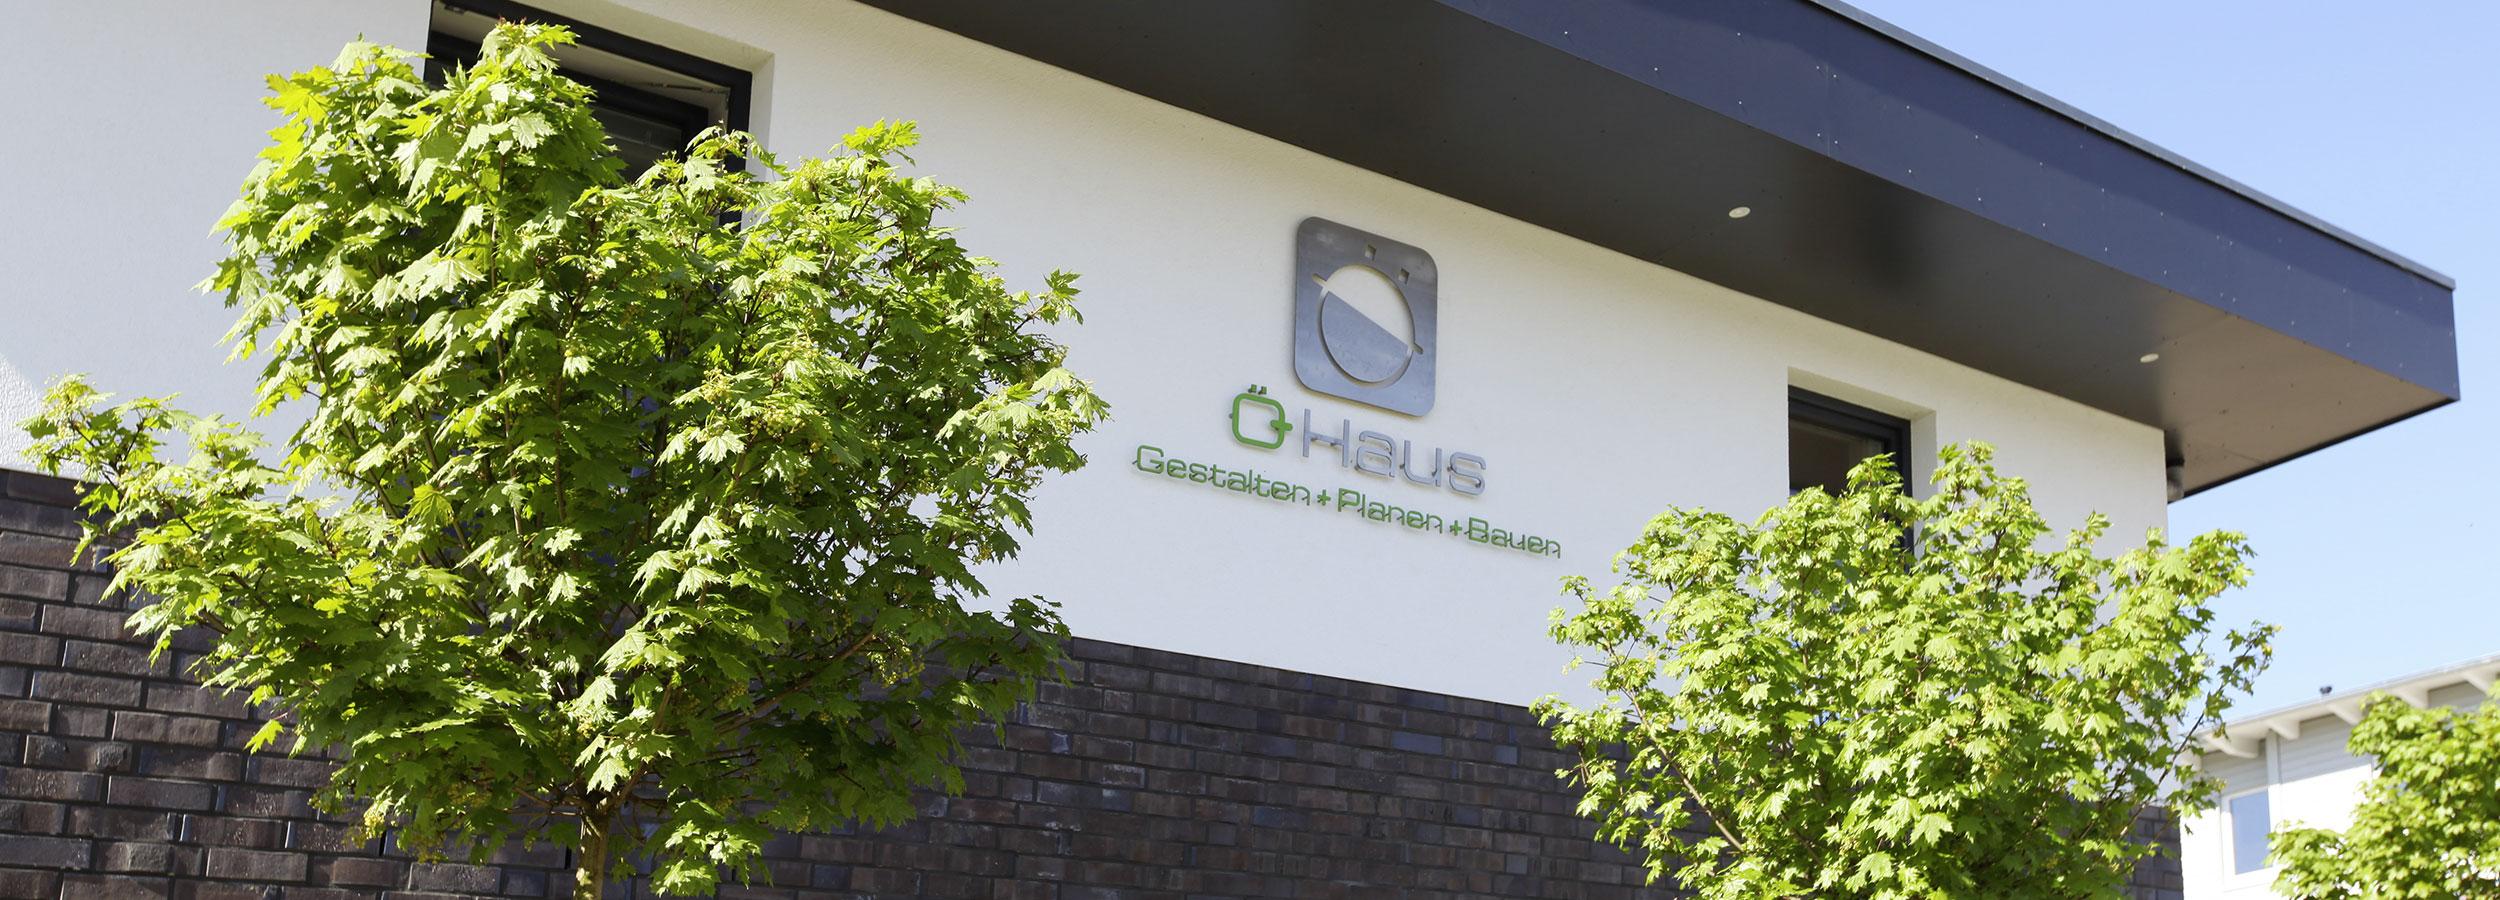 ^ Ö-Haus das Hausbauunternehmen für Schleswig-Holstein und Hamburg ...